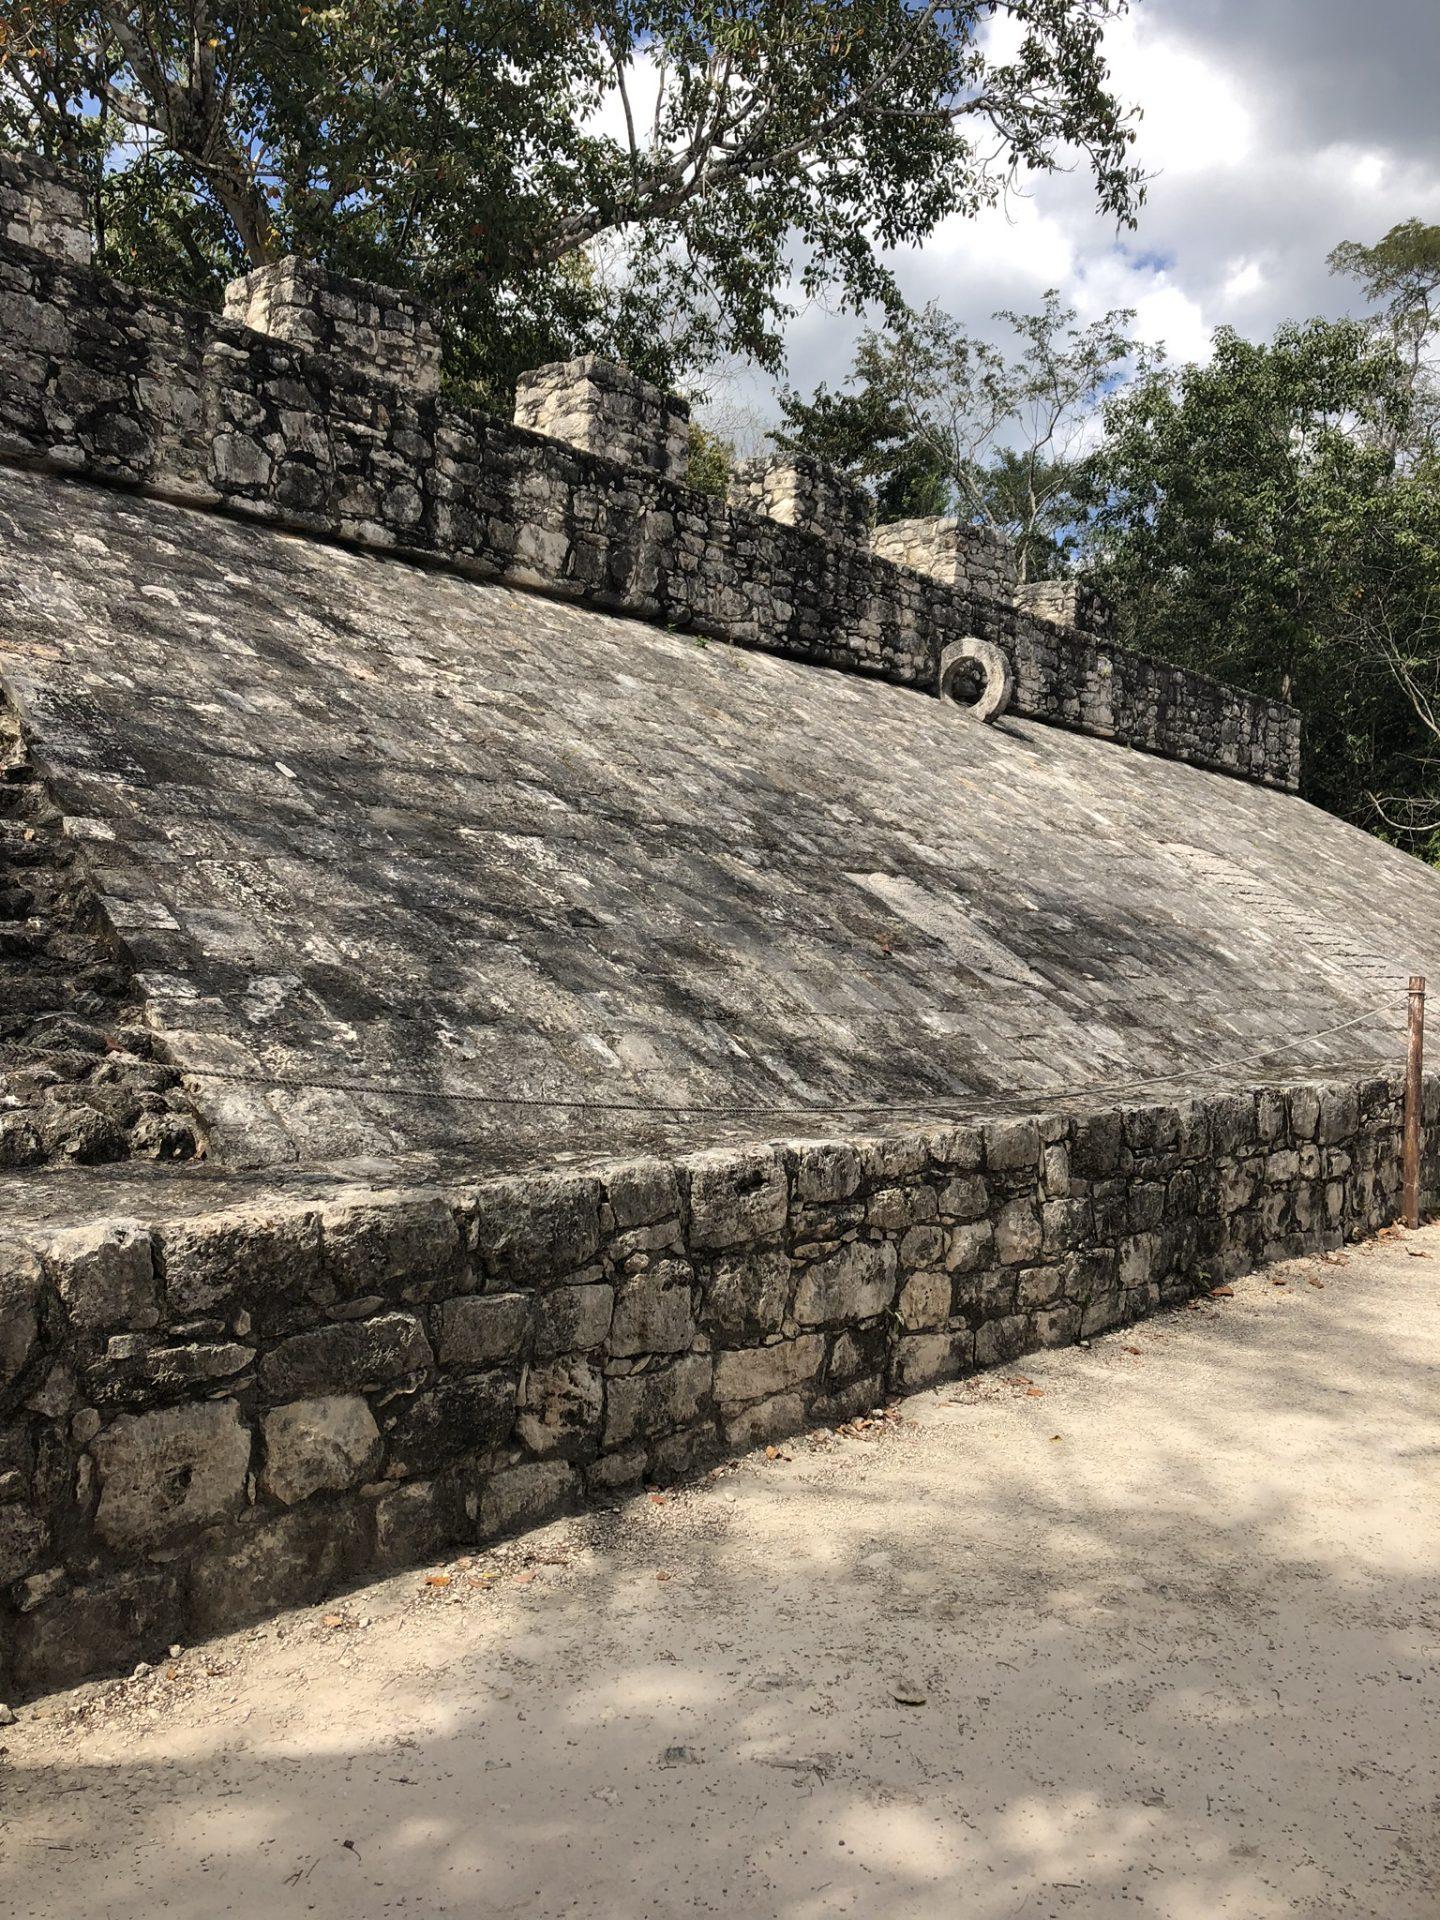 Mayan ruins in Coba, Mexico